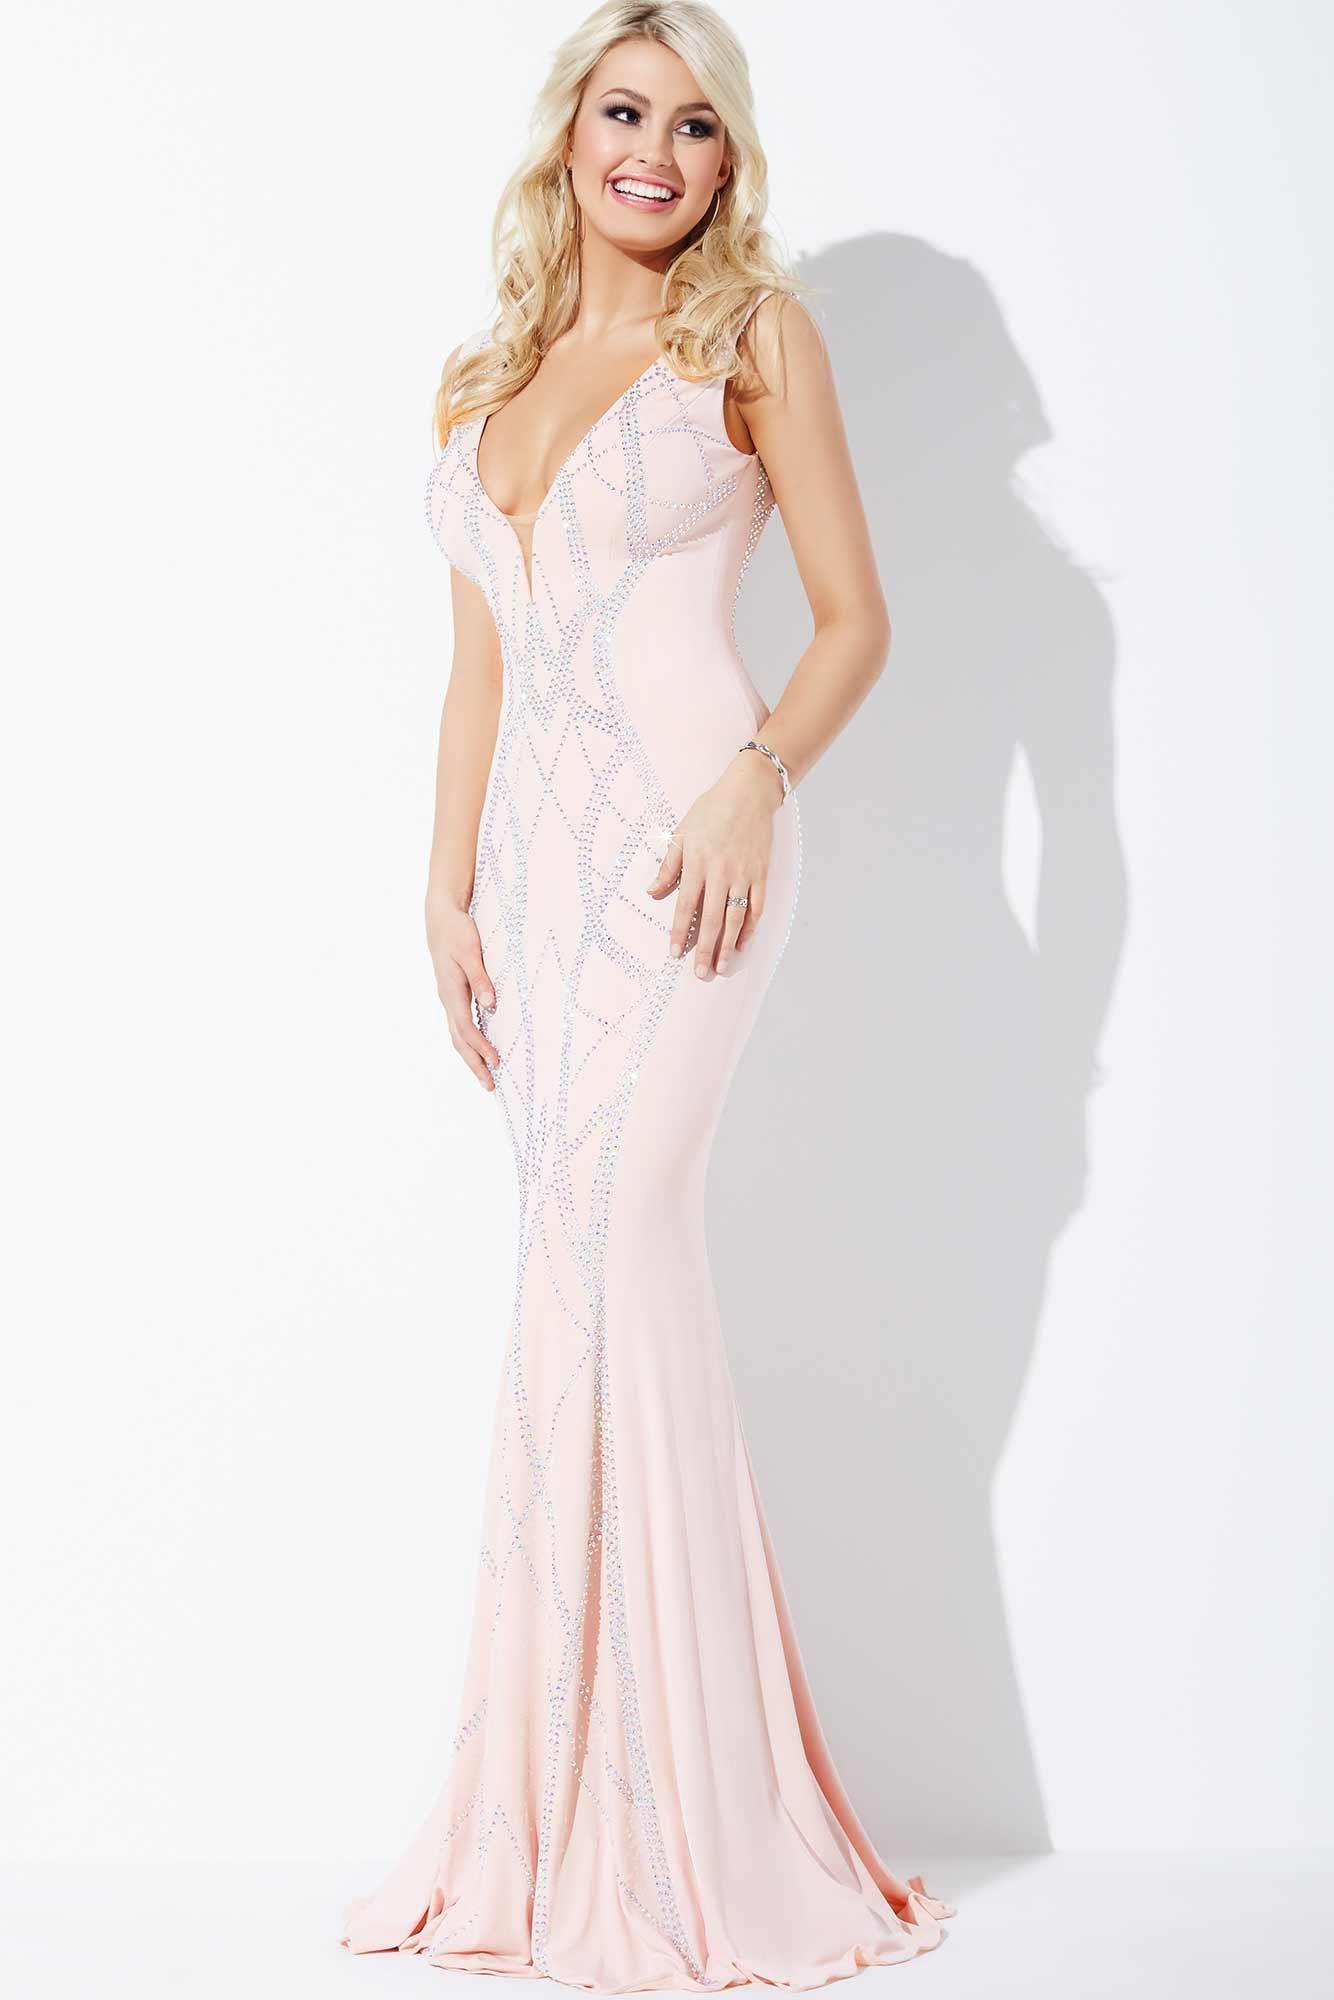 Blush Jersey Prom Dress 24980 | Anahita Persian Princess.(Water ...